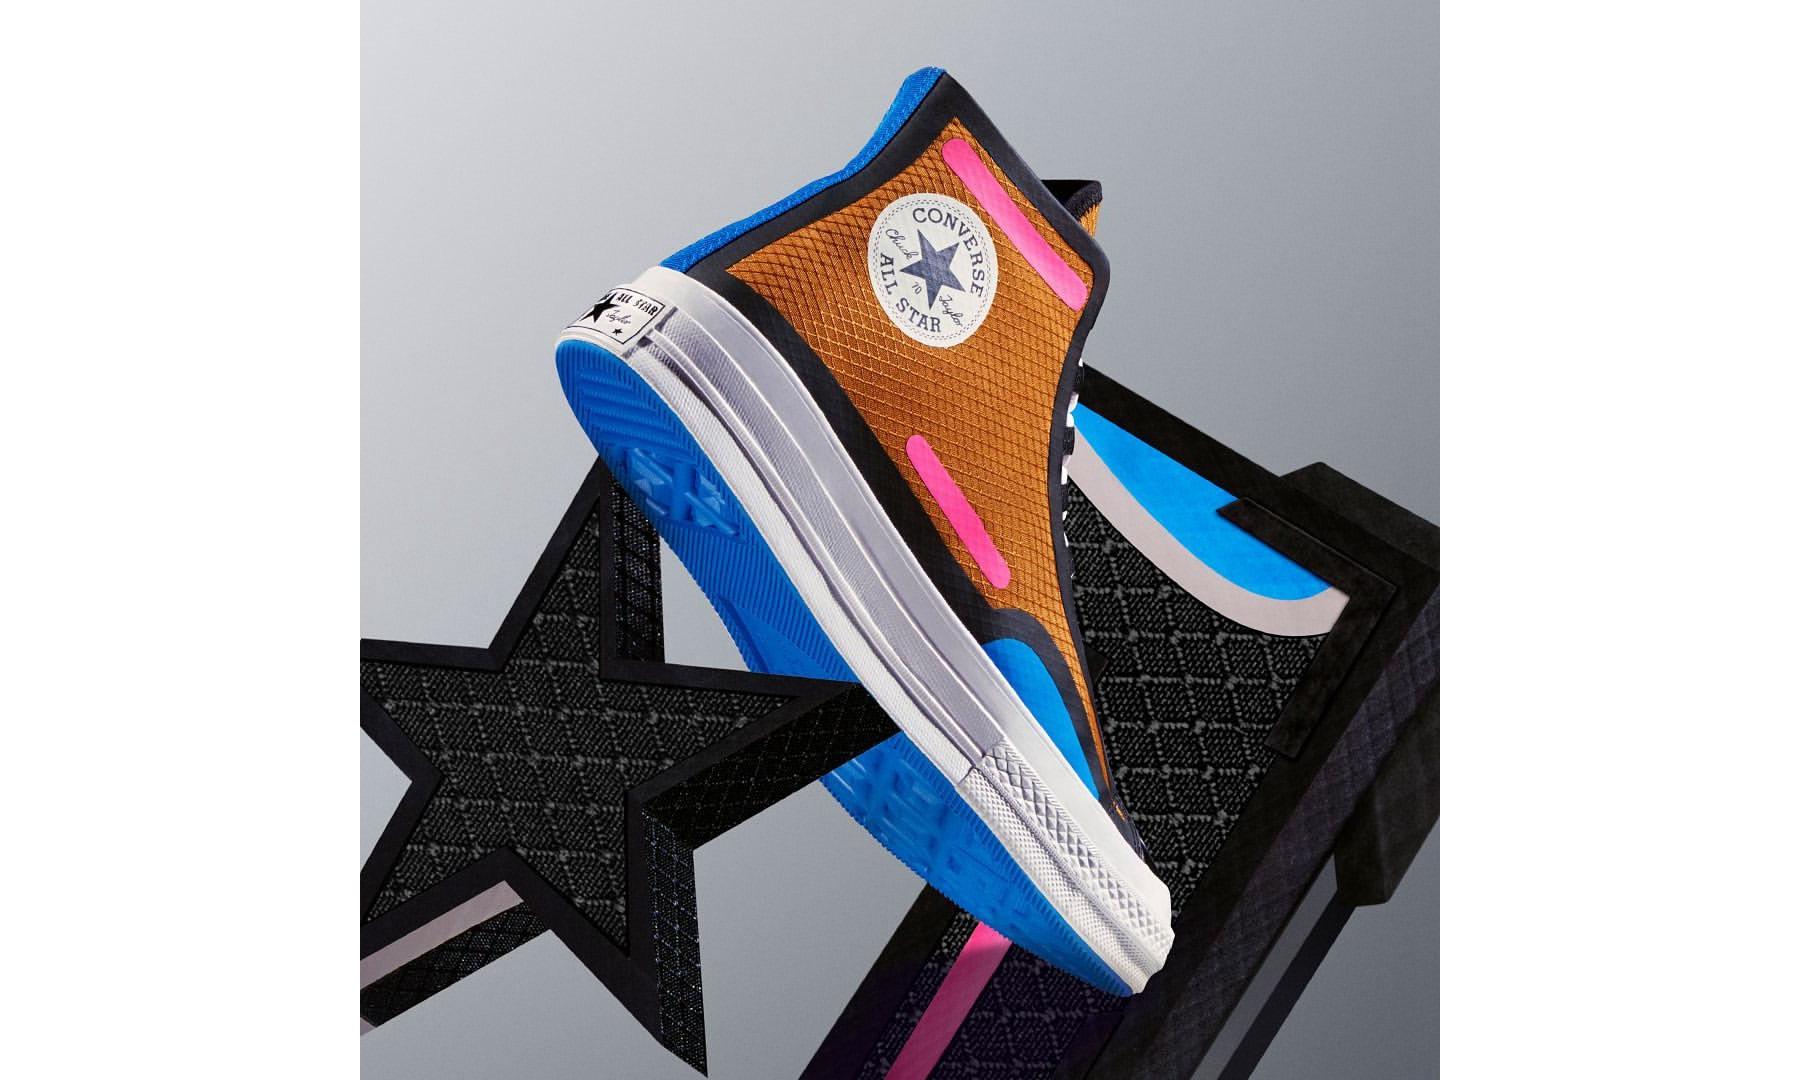 「跳出舒适圈」,CONVESE 为旗下人气鞋款推出全新设计